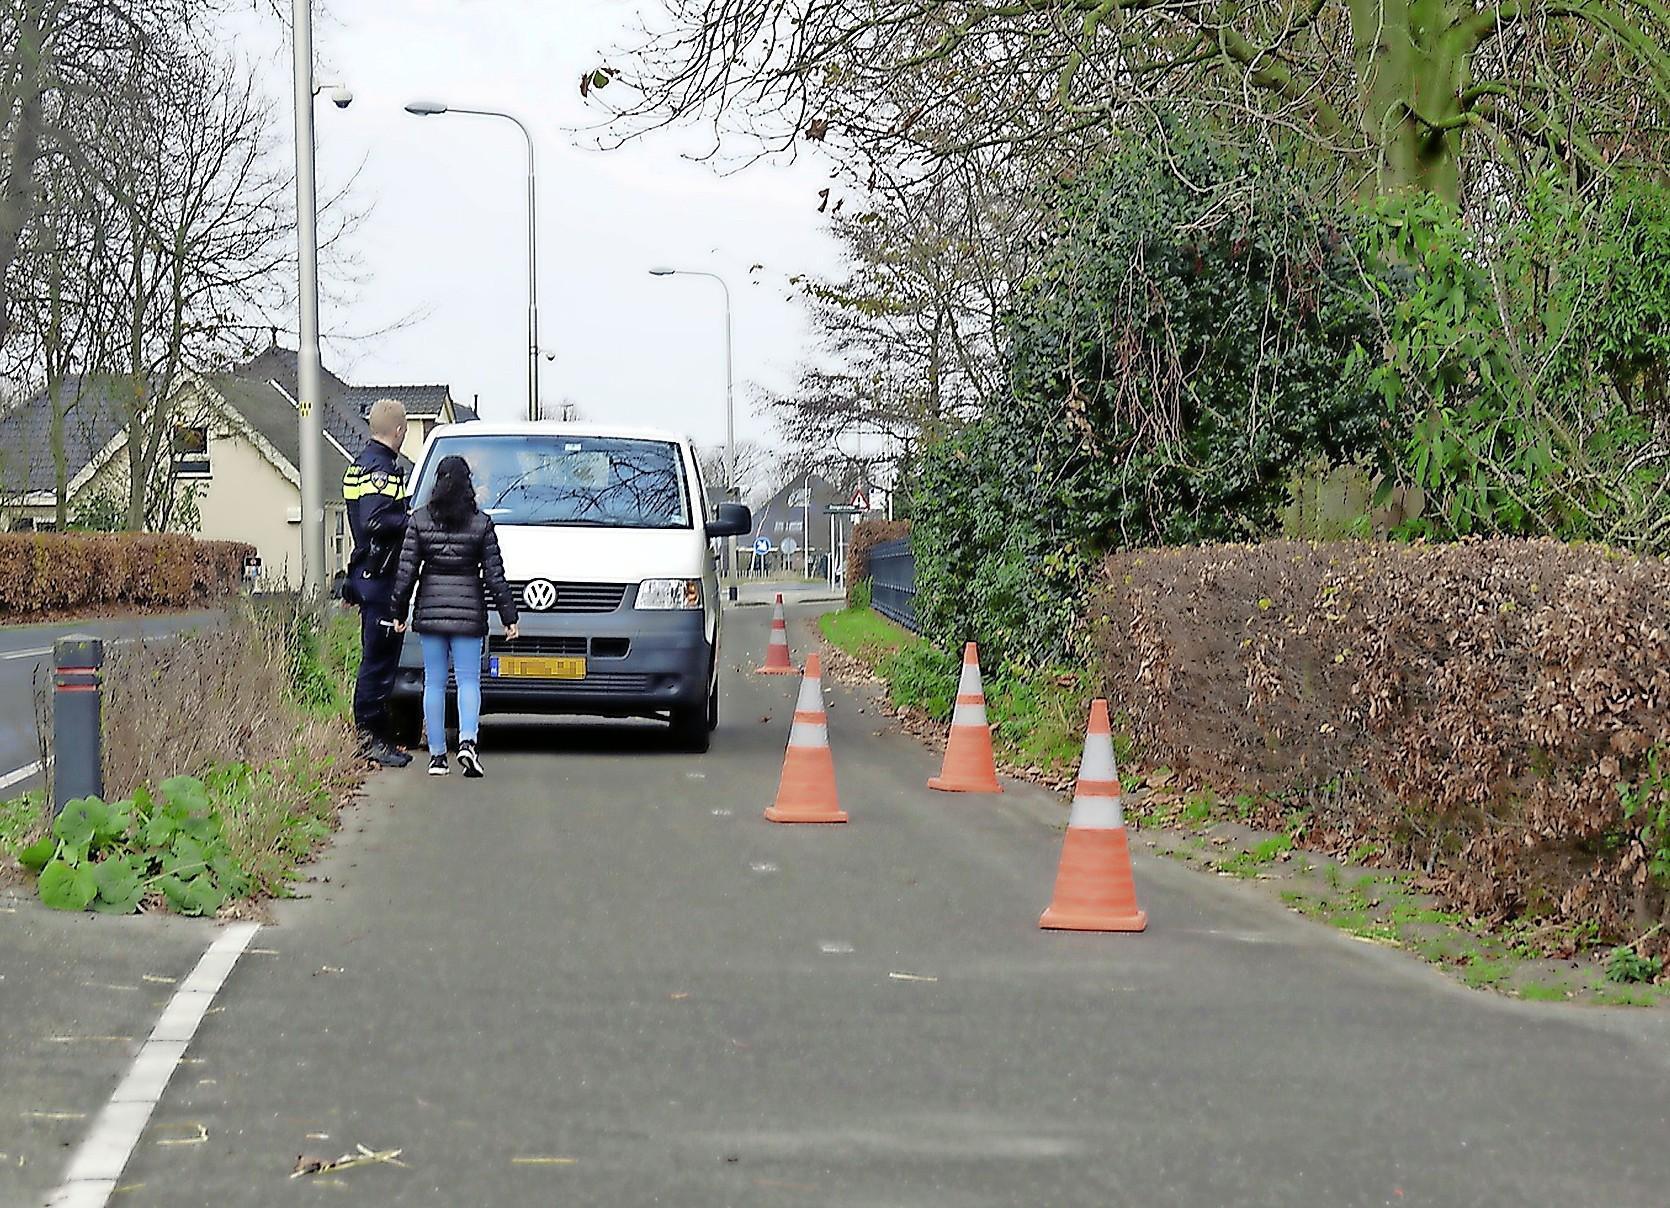 'Stekende automobilist' René V. (24) uit Julianadorp vecht met nieuwe advocaat celstraf en tbs met dwangverpleging aan